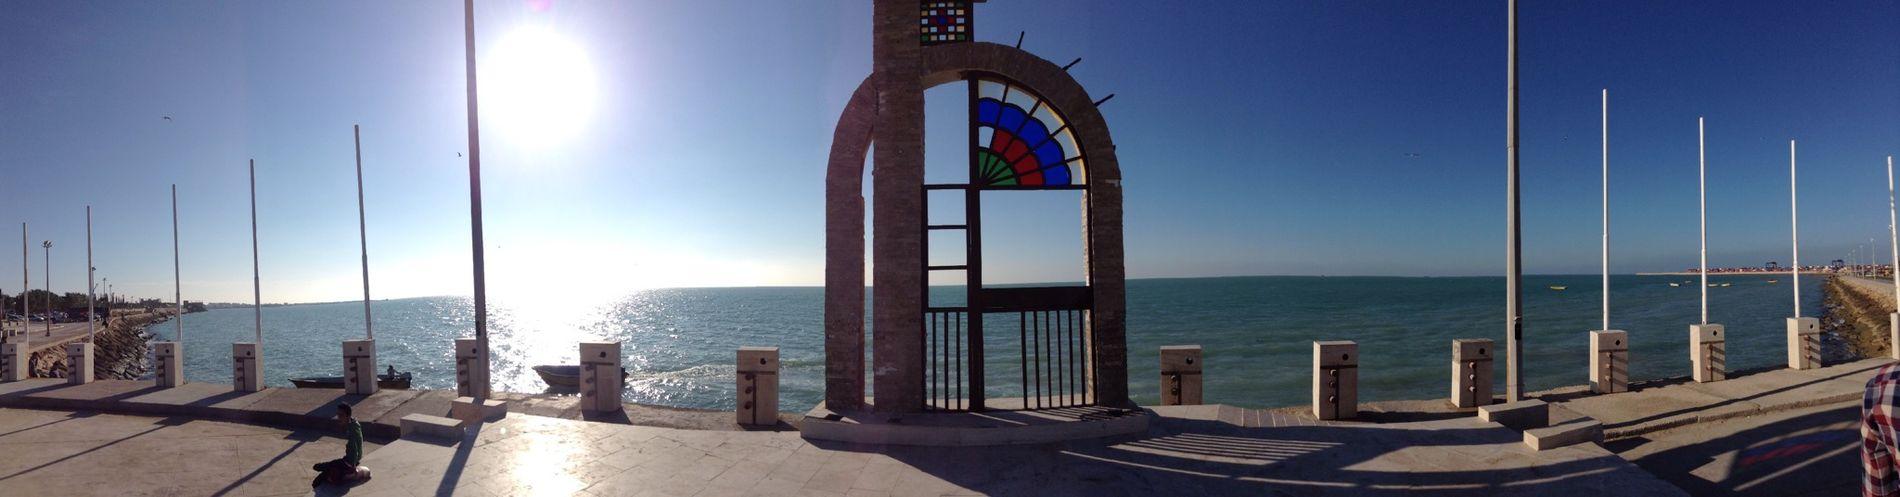 Sea gate Bushehr Iran♥ Sea Landscapes Sun